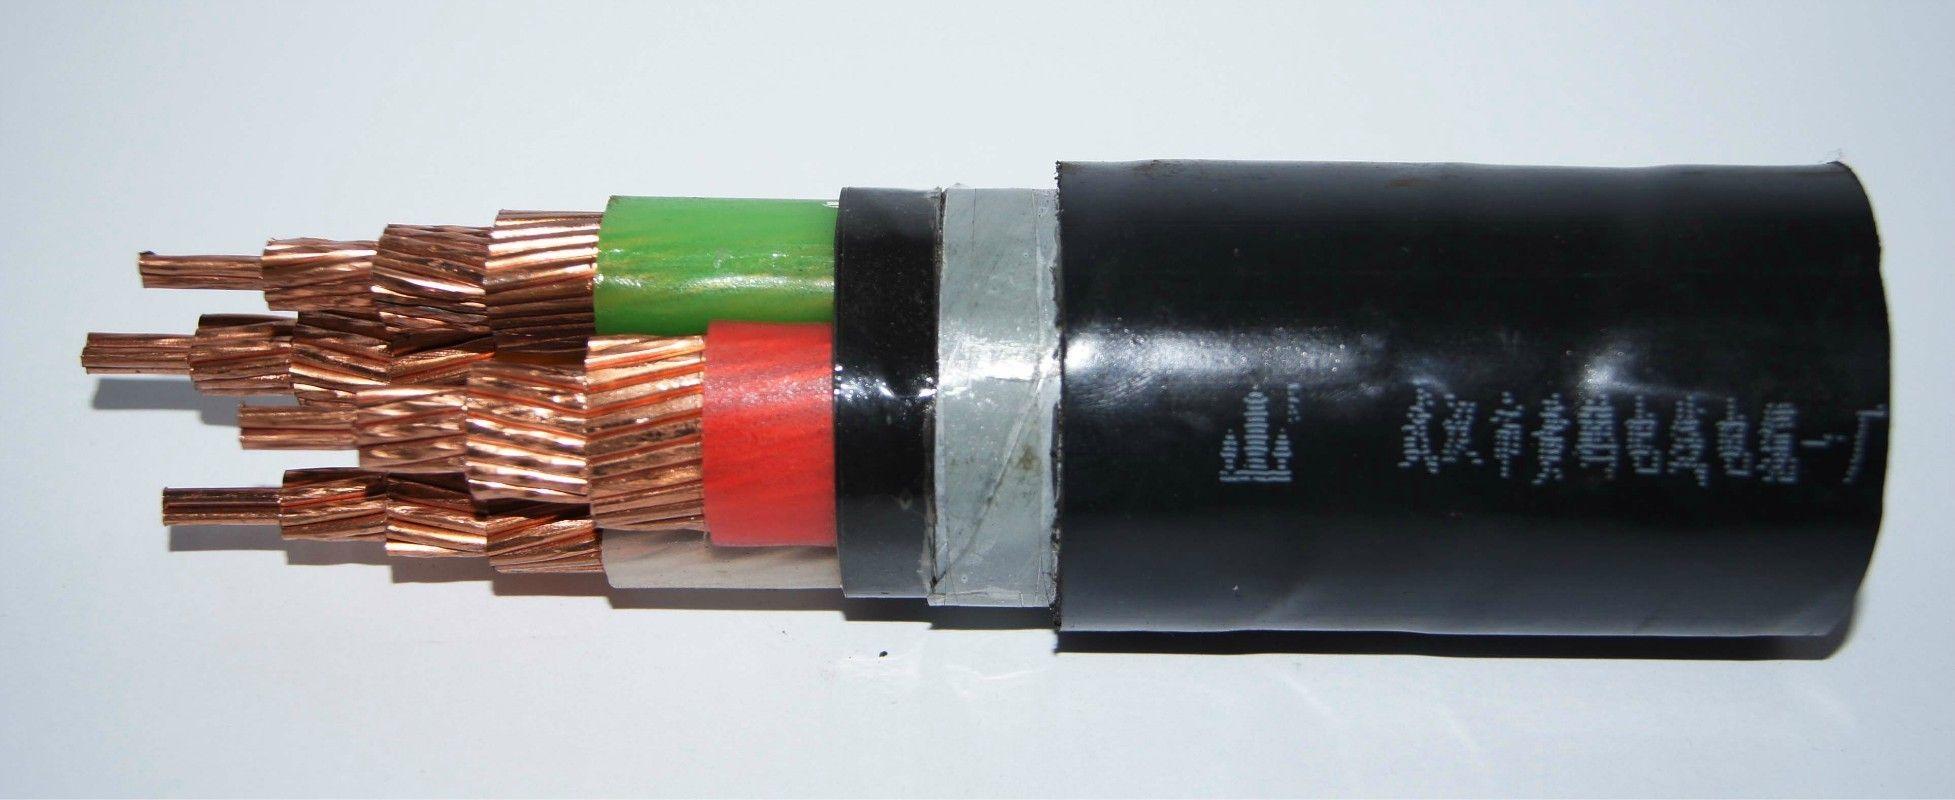 电缆一厂 是湖北国家电网一级供应商,产品质量可靠,工程家装首选! 武汉市黄鹤电线电缆一厂 销售经理叶建明:15629089611 温馨提示:由于电线电缆产品与广大消费者的生活有着密切的关系,它的质量优劣、安全与否直接影响广大消费者的人身和财产安全,因此正确选择电线电缆显得非常重要: 1>察看CCC认证标识。电线电缆产品是国家强制安全认证产品,所有生产企业必须取得中国电工产品认证委员会认证的CCC认证,获得CCC认证标志,在合格证或产品上有CCC认证标志 2>看检验报告。电线电缆作